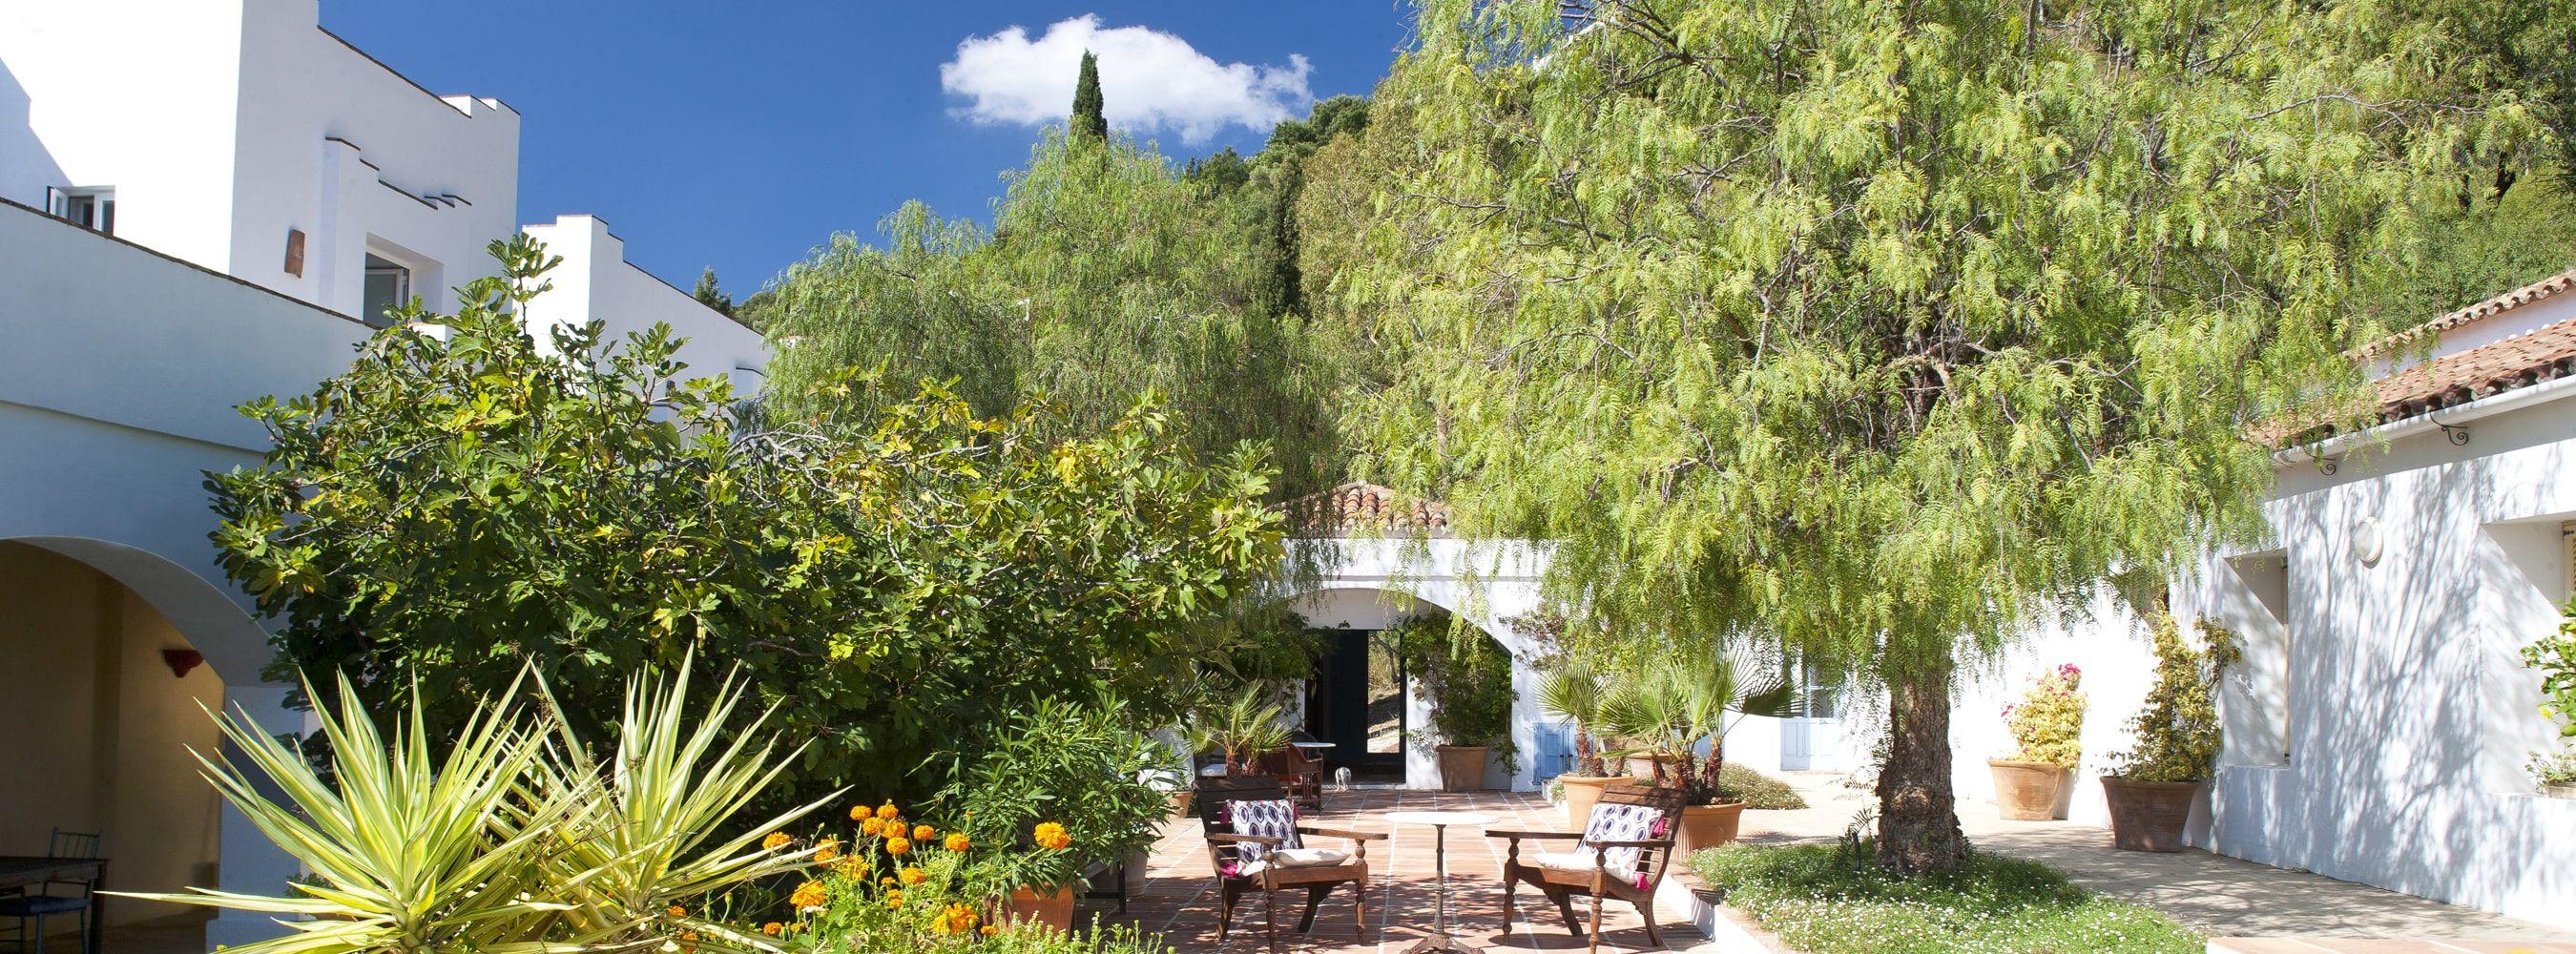 luxury holiday villa gaucin spain